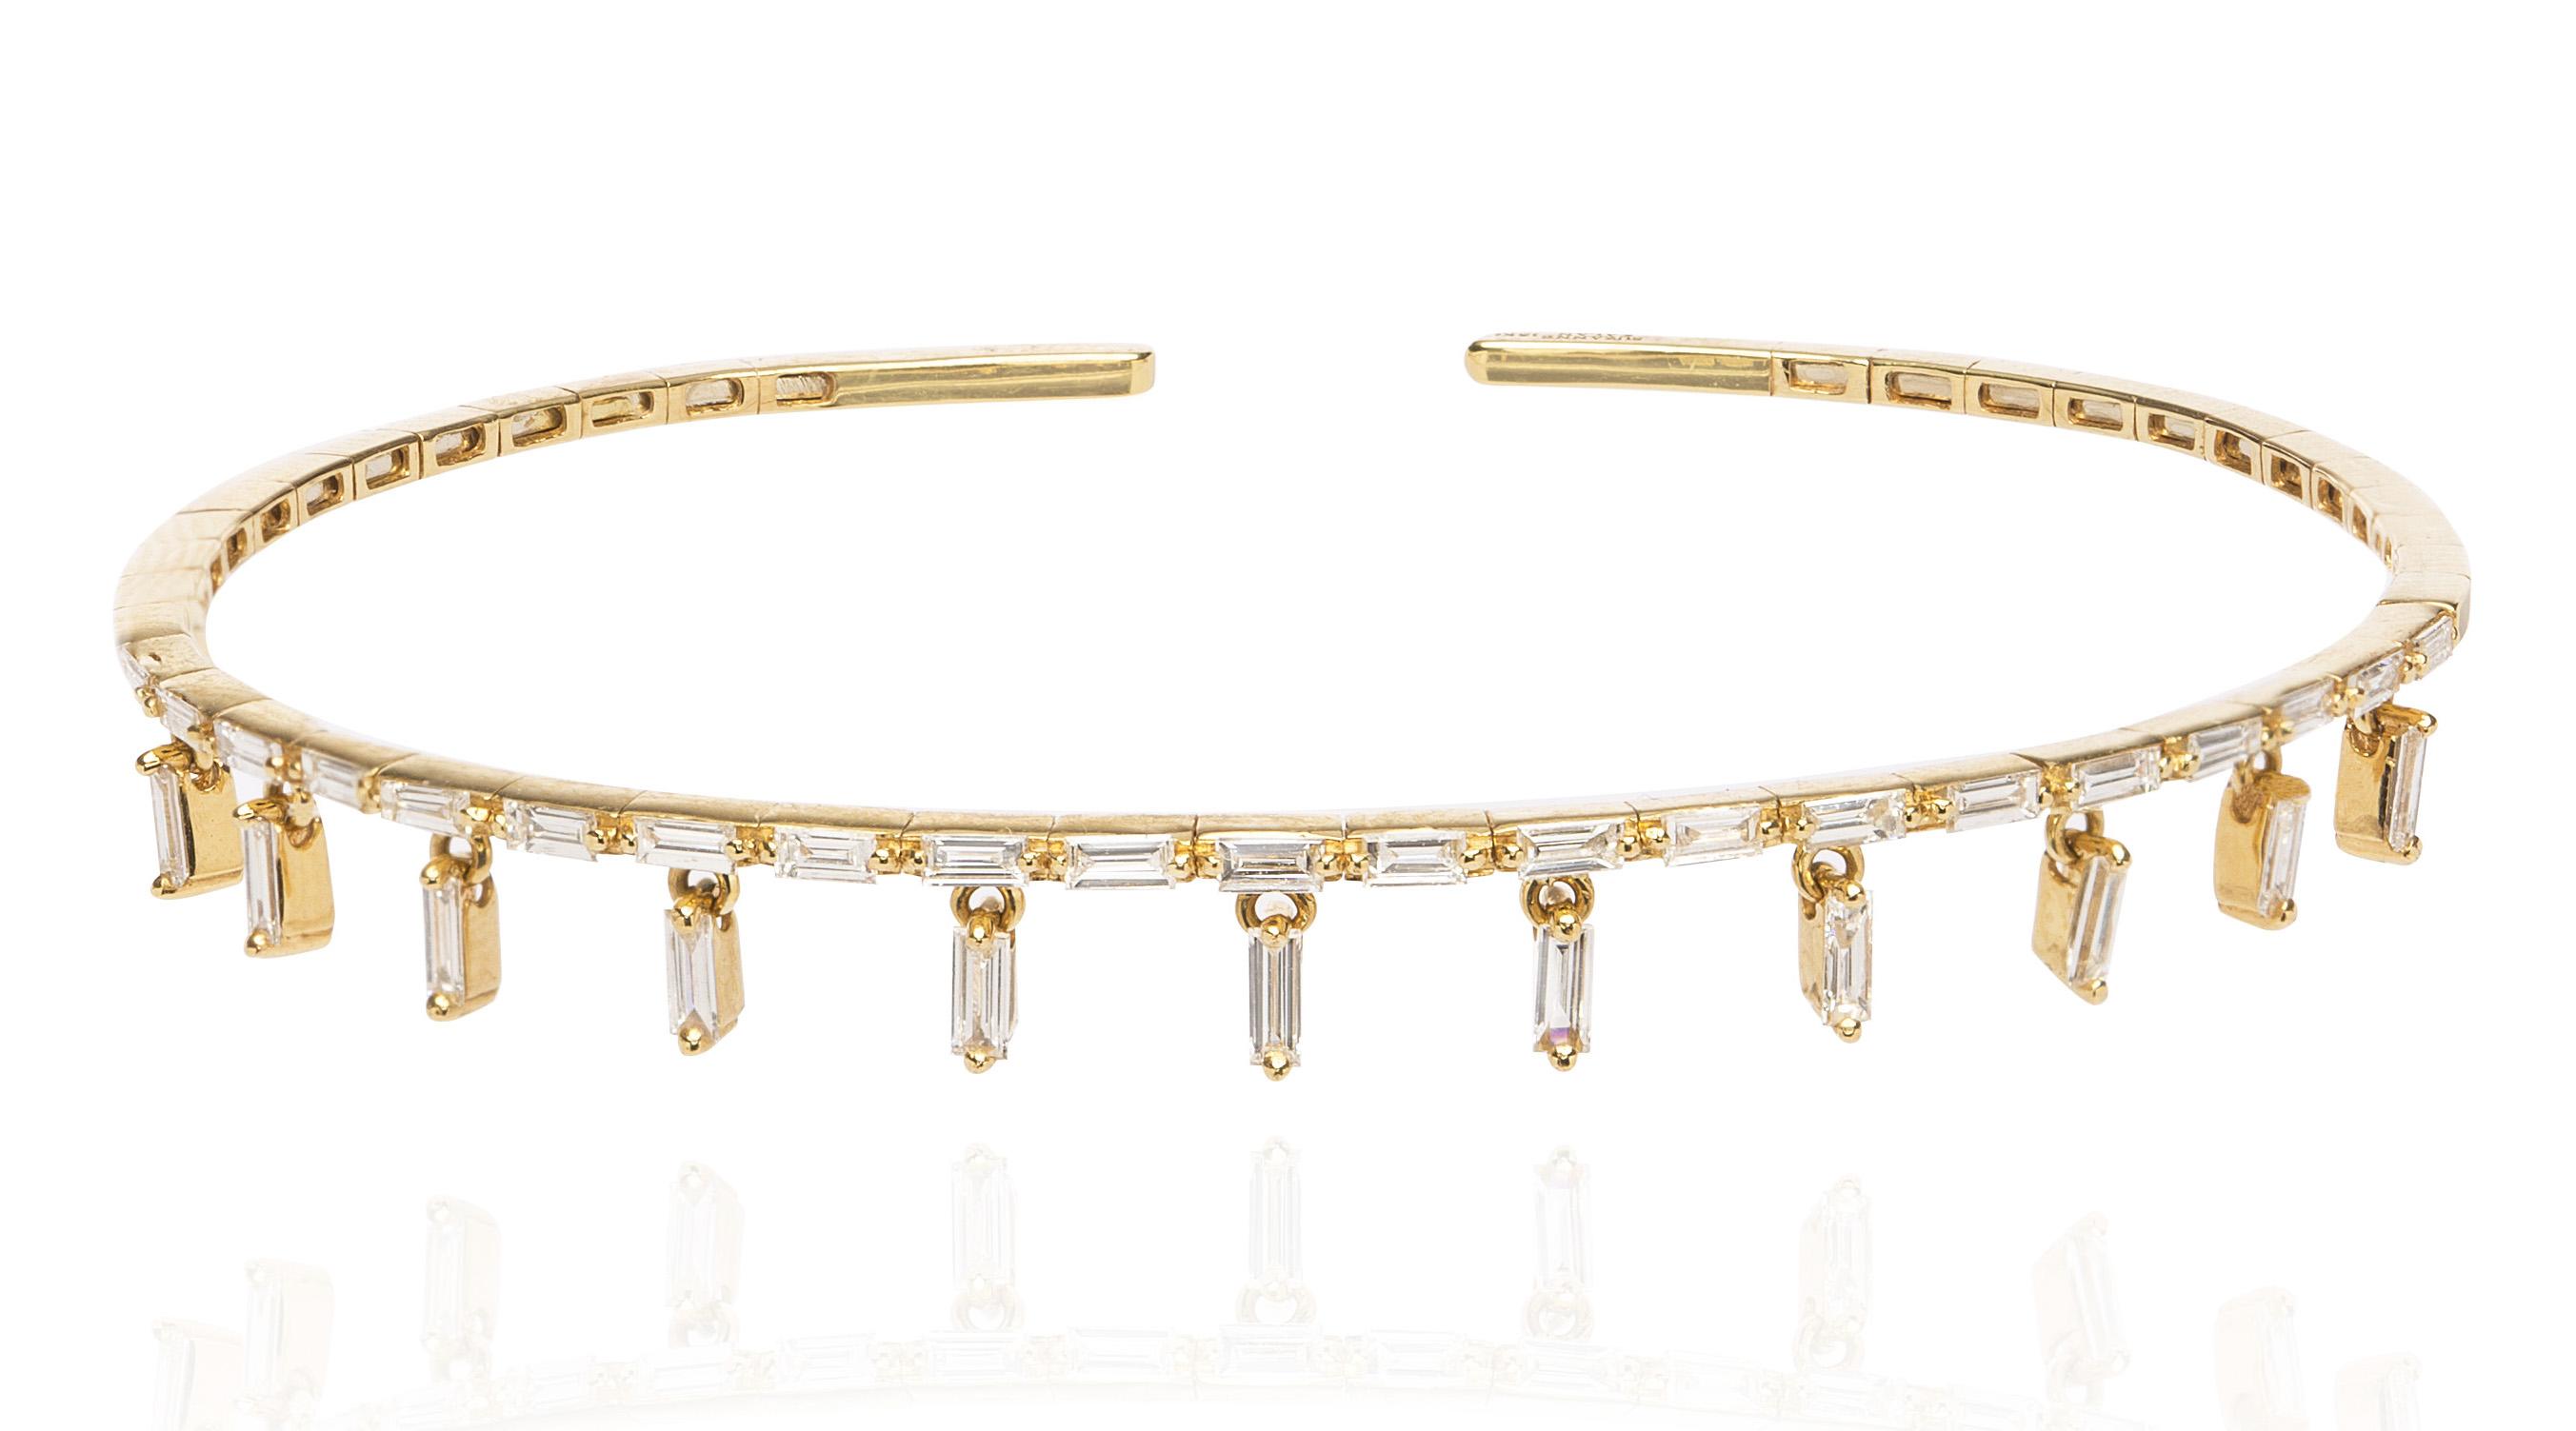 Suzanne Kalan Cascade Fireworks charm bracelet | JCK On Your Market